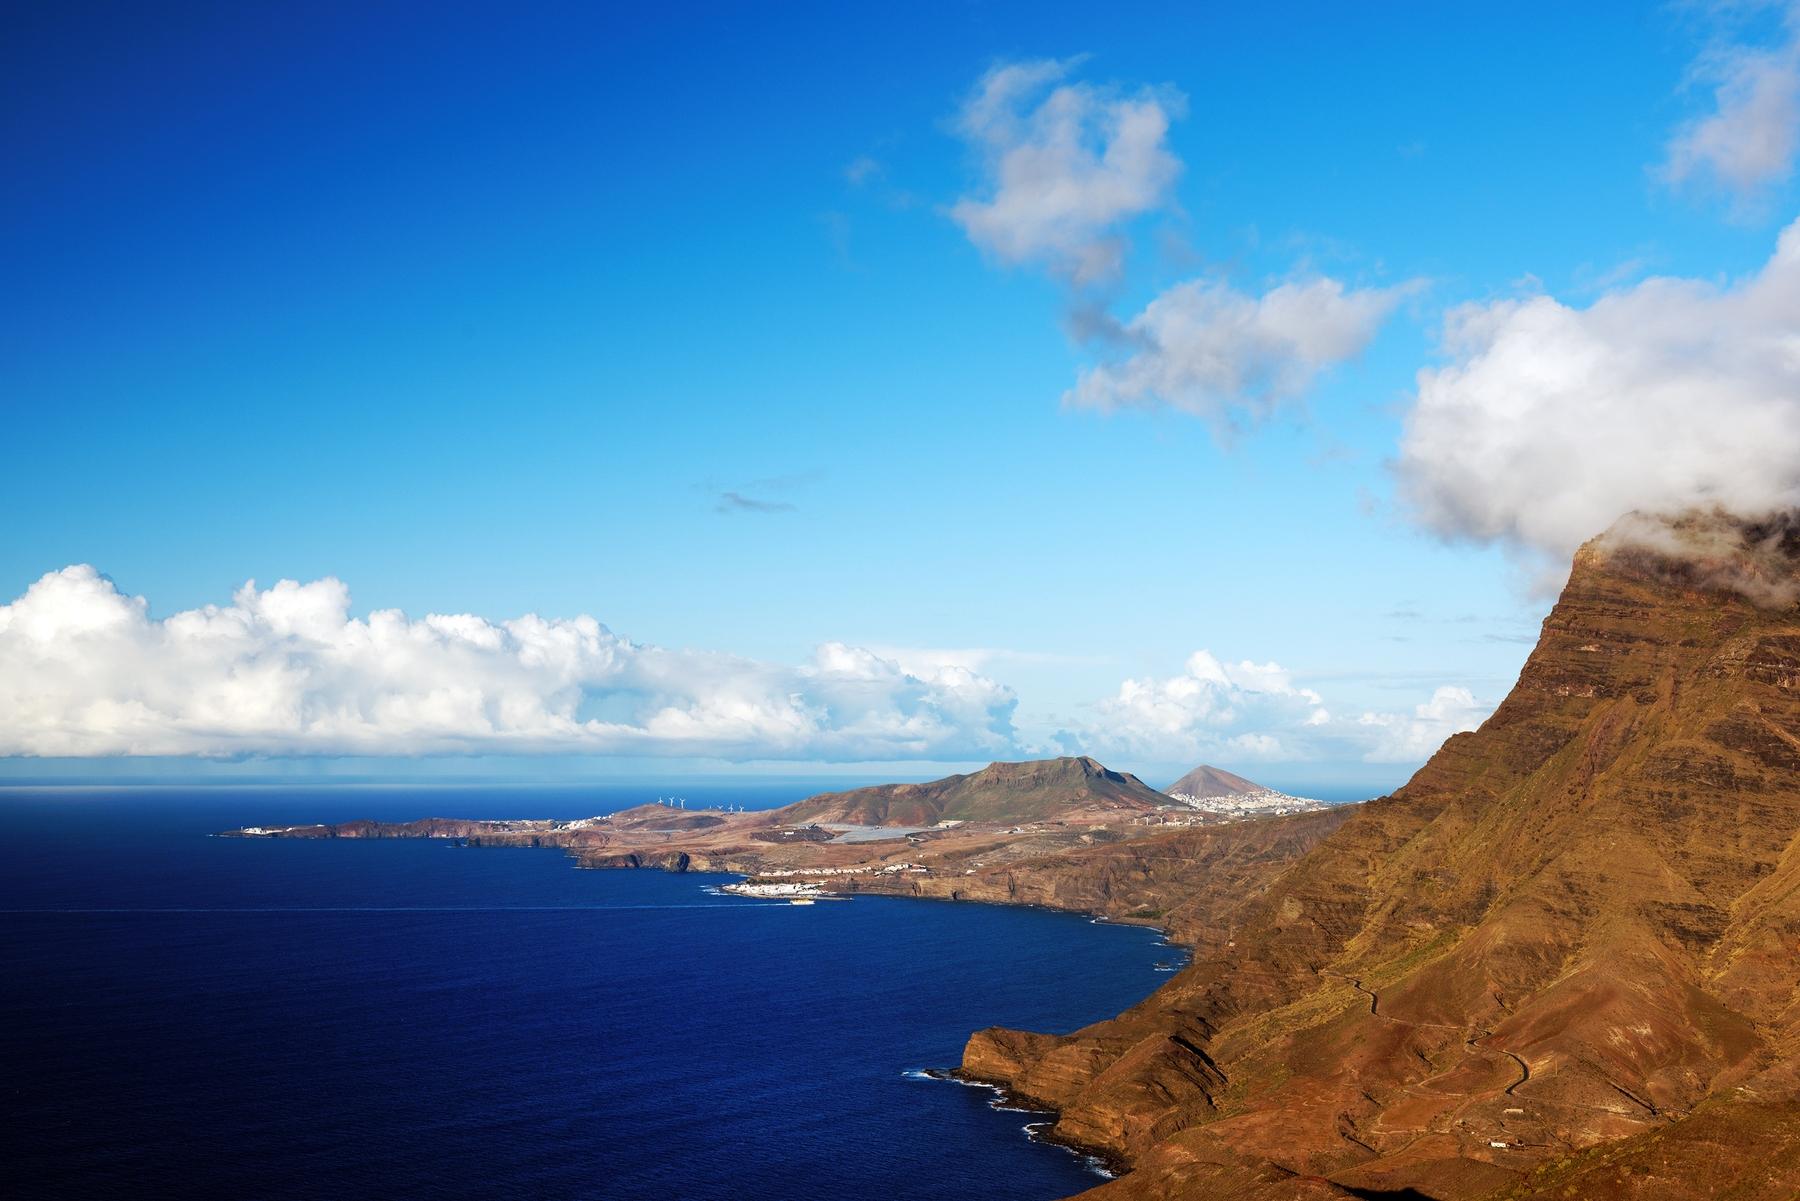 Spiagge di Tenerife: Playa de Los Gigantes Lanzarote